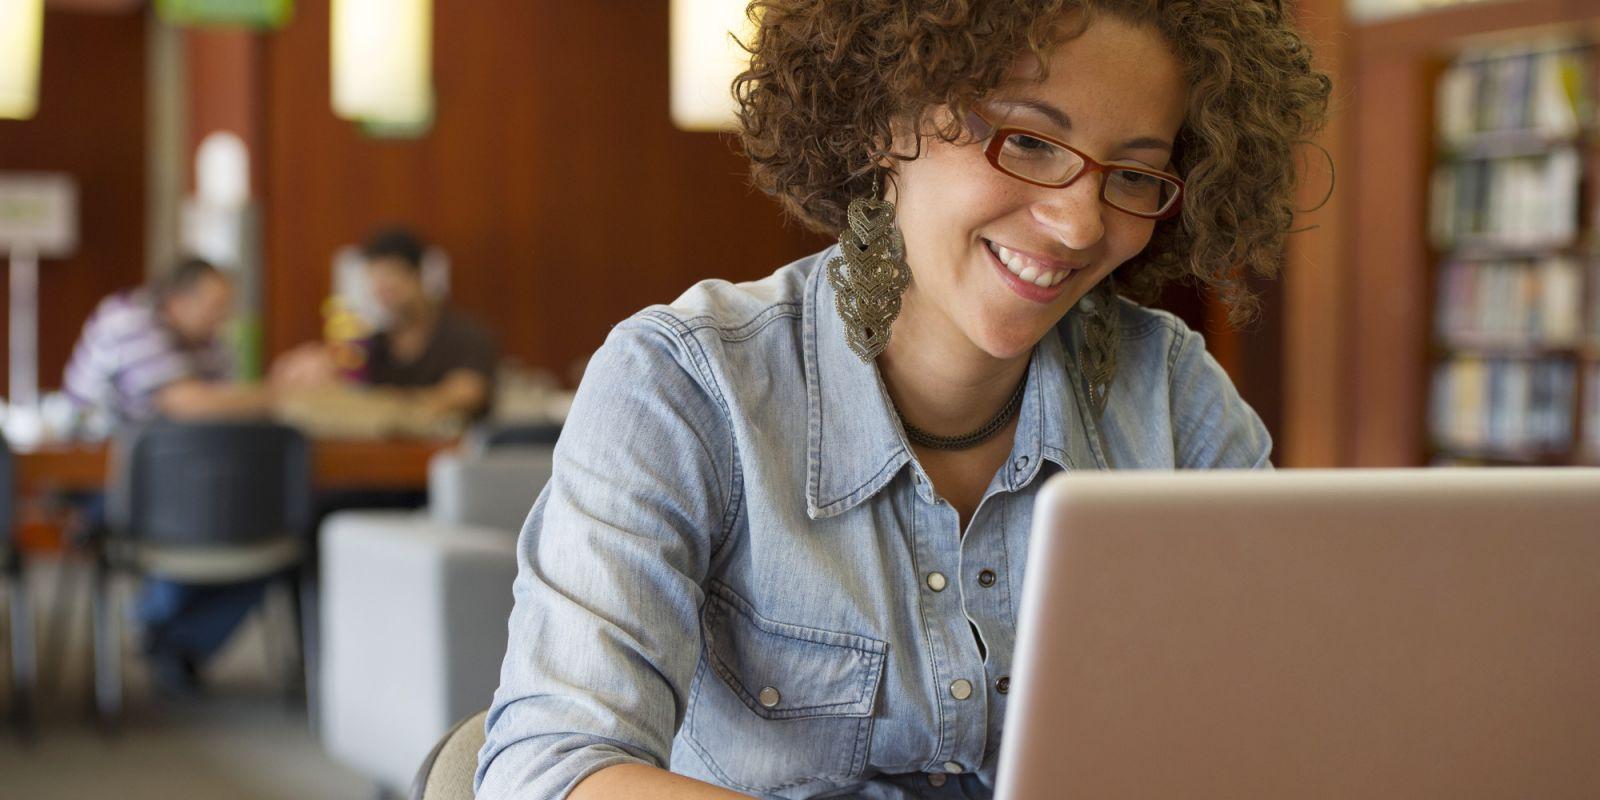 Mỗi đối tượng đều có mục đích cụ thể khi học tiếng Anh học thuật thông qua các chương trình trực tuyến